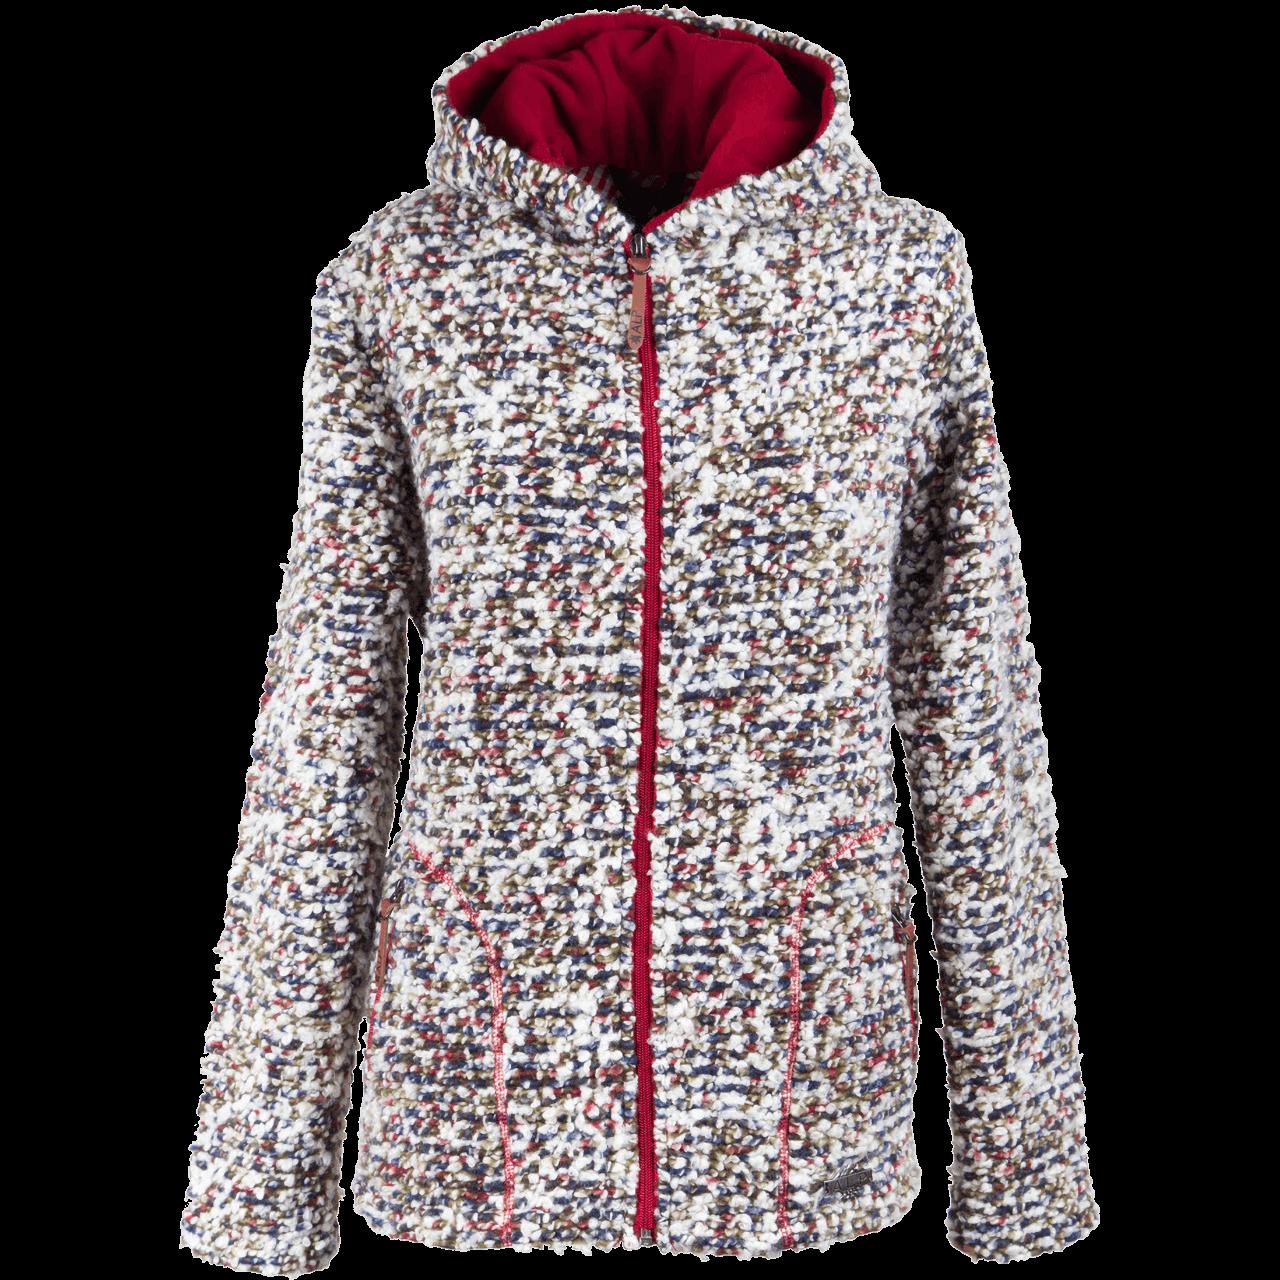 giacca-donna-335101-alp1964